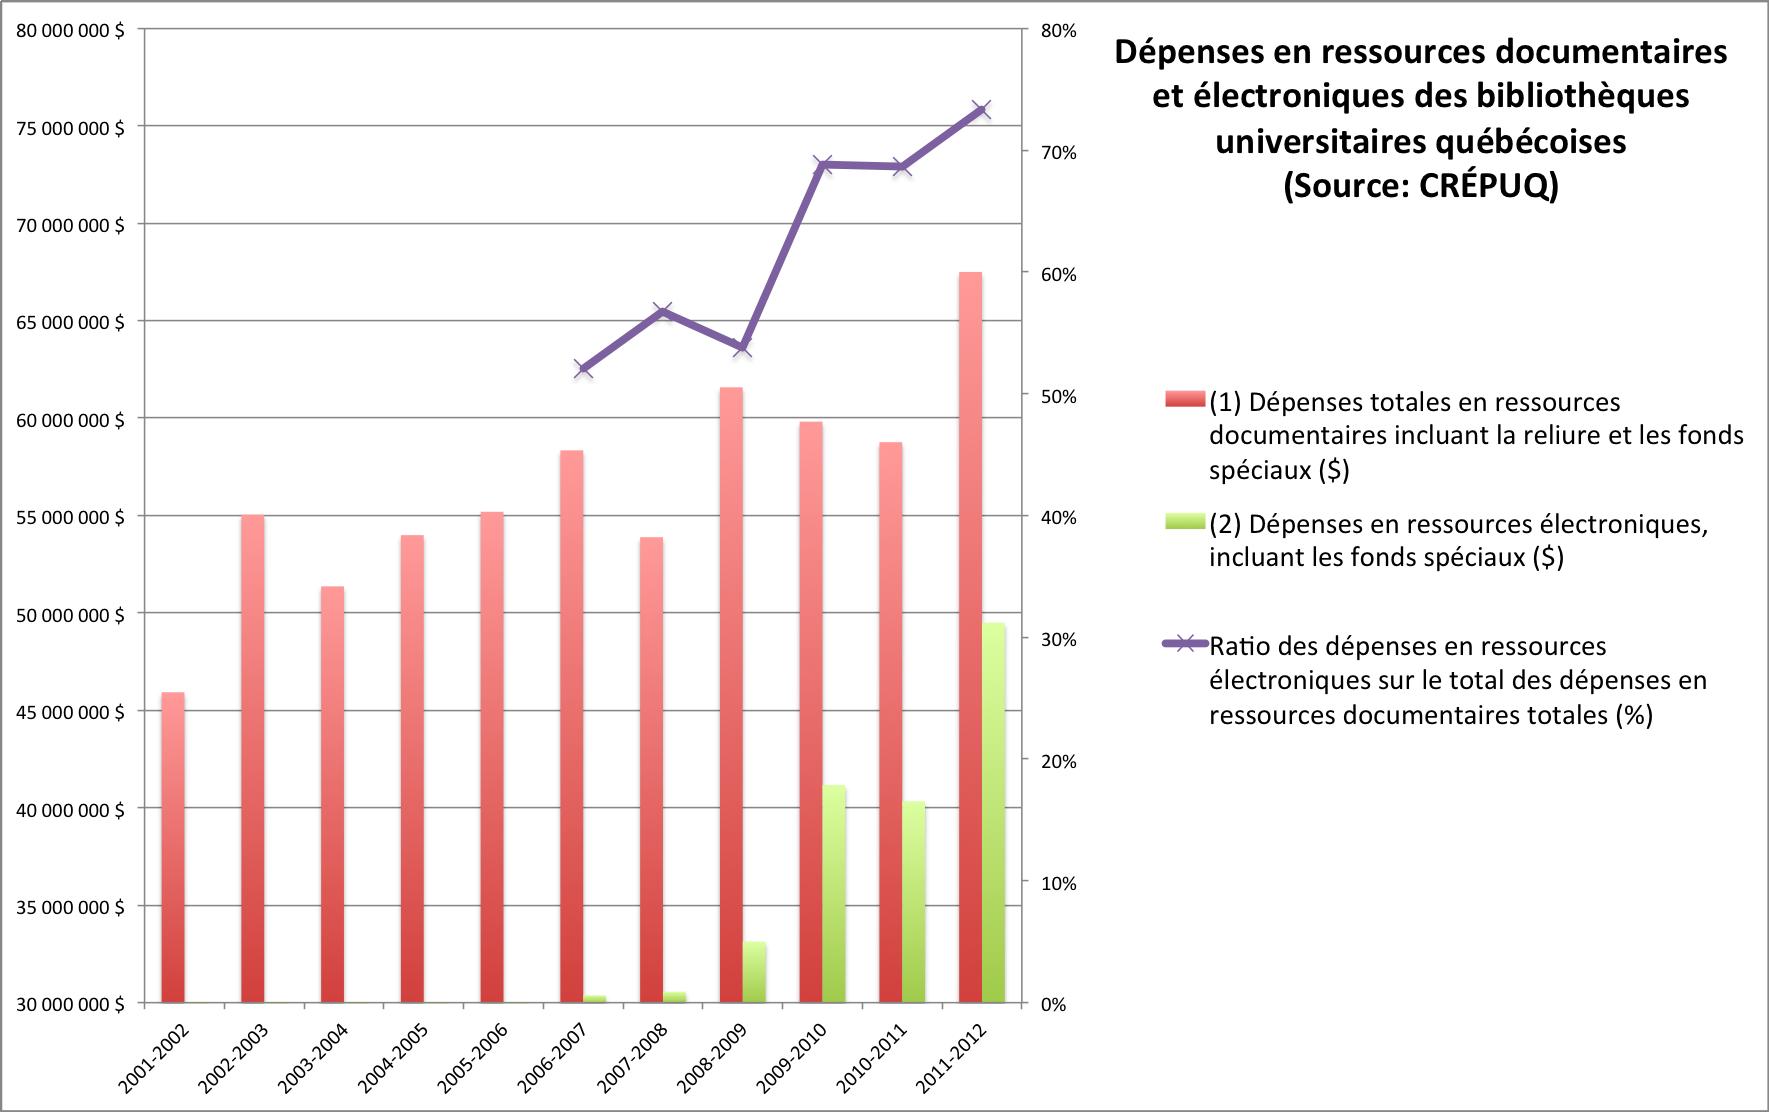 Dépenses en ressources documentaires et électroniques des bibliothèques universitaires québécoises (Source: CRÉPUQ)